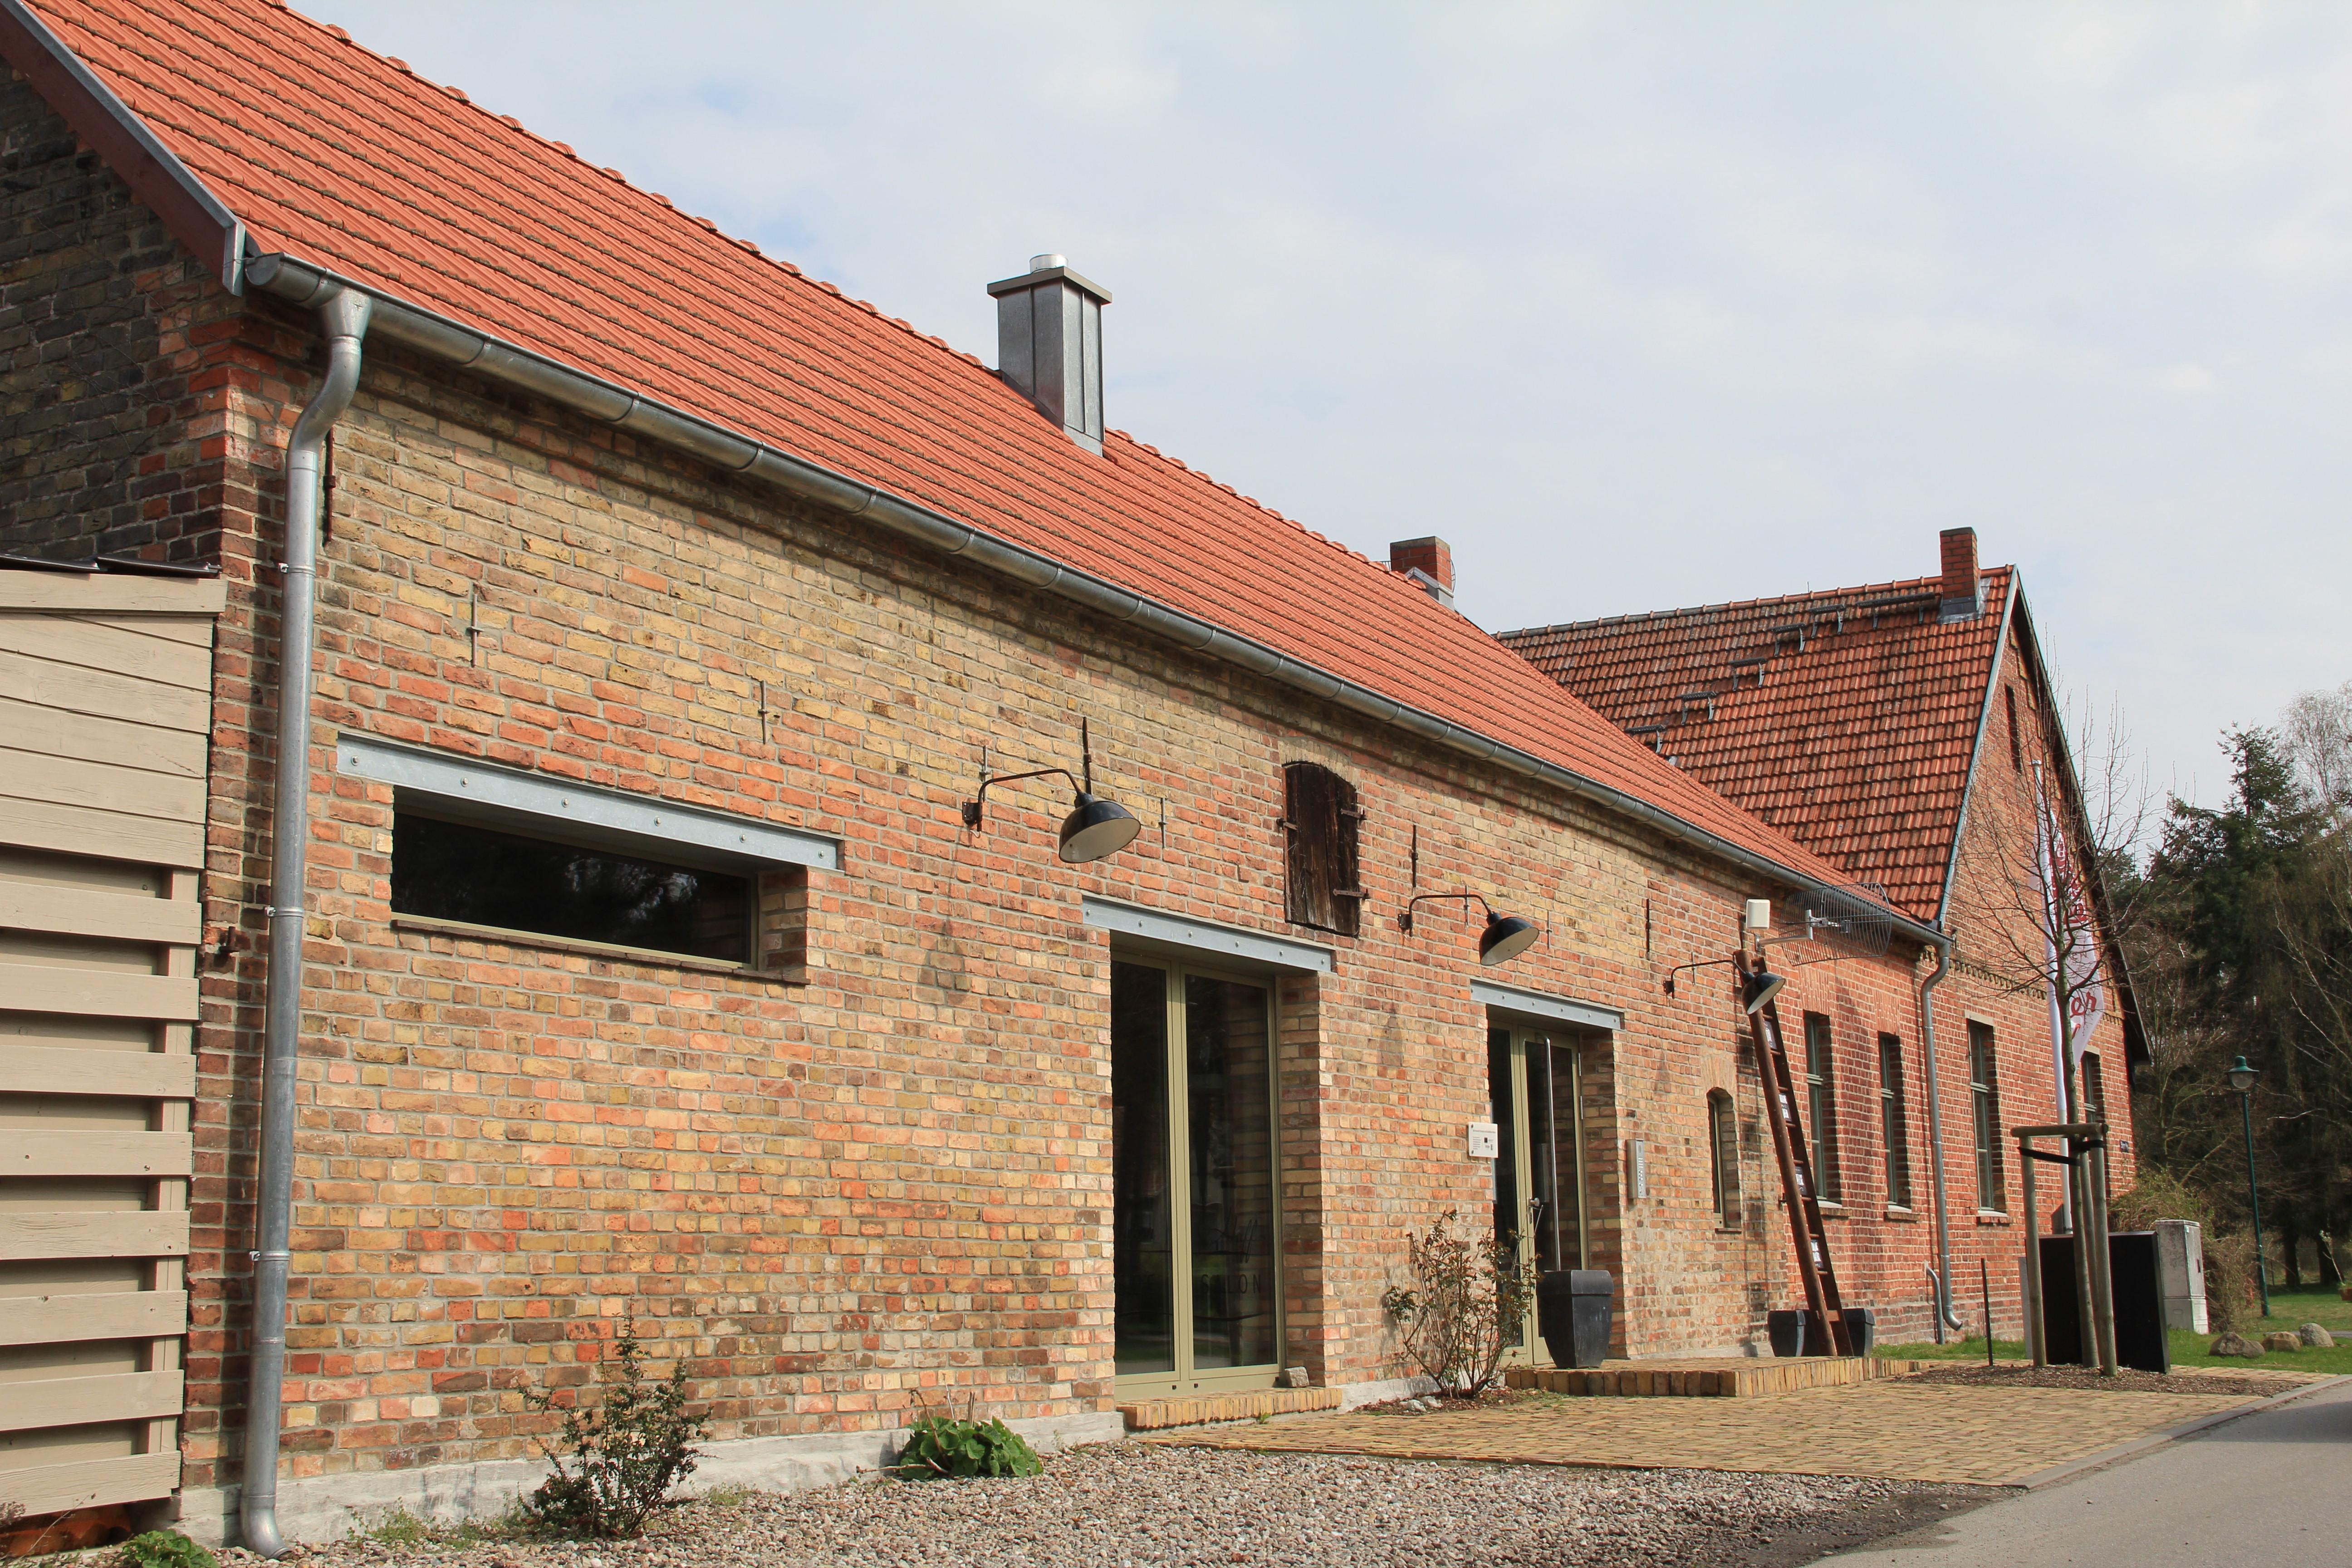 Multiples Haus Rieth Vorpommern Stieger Weg